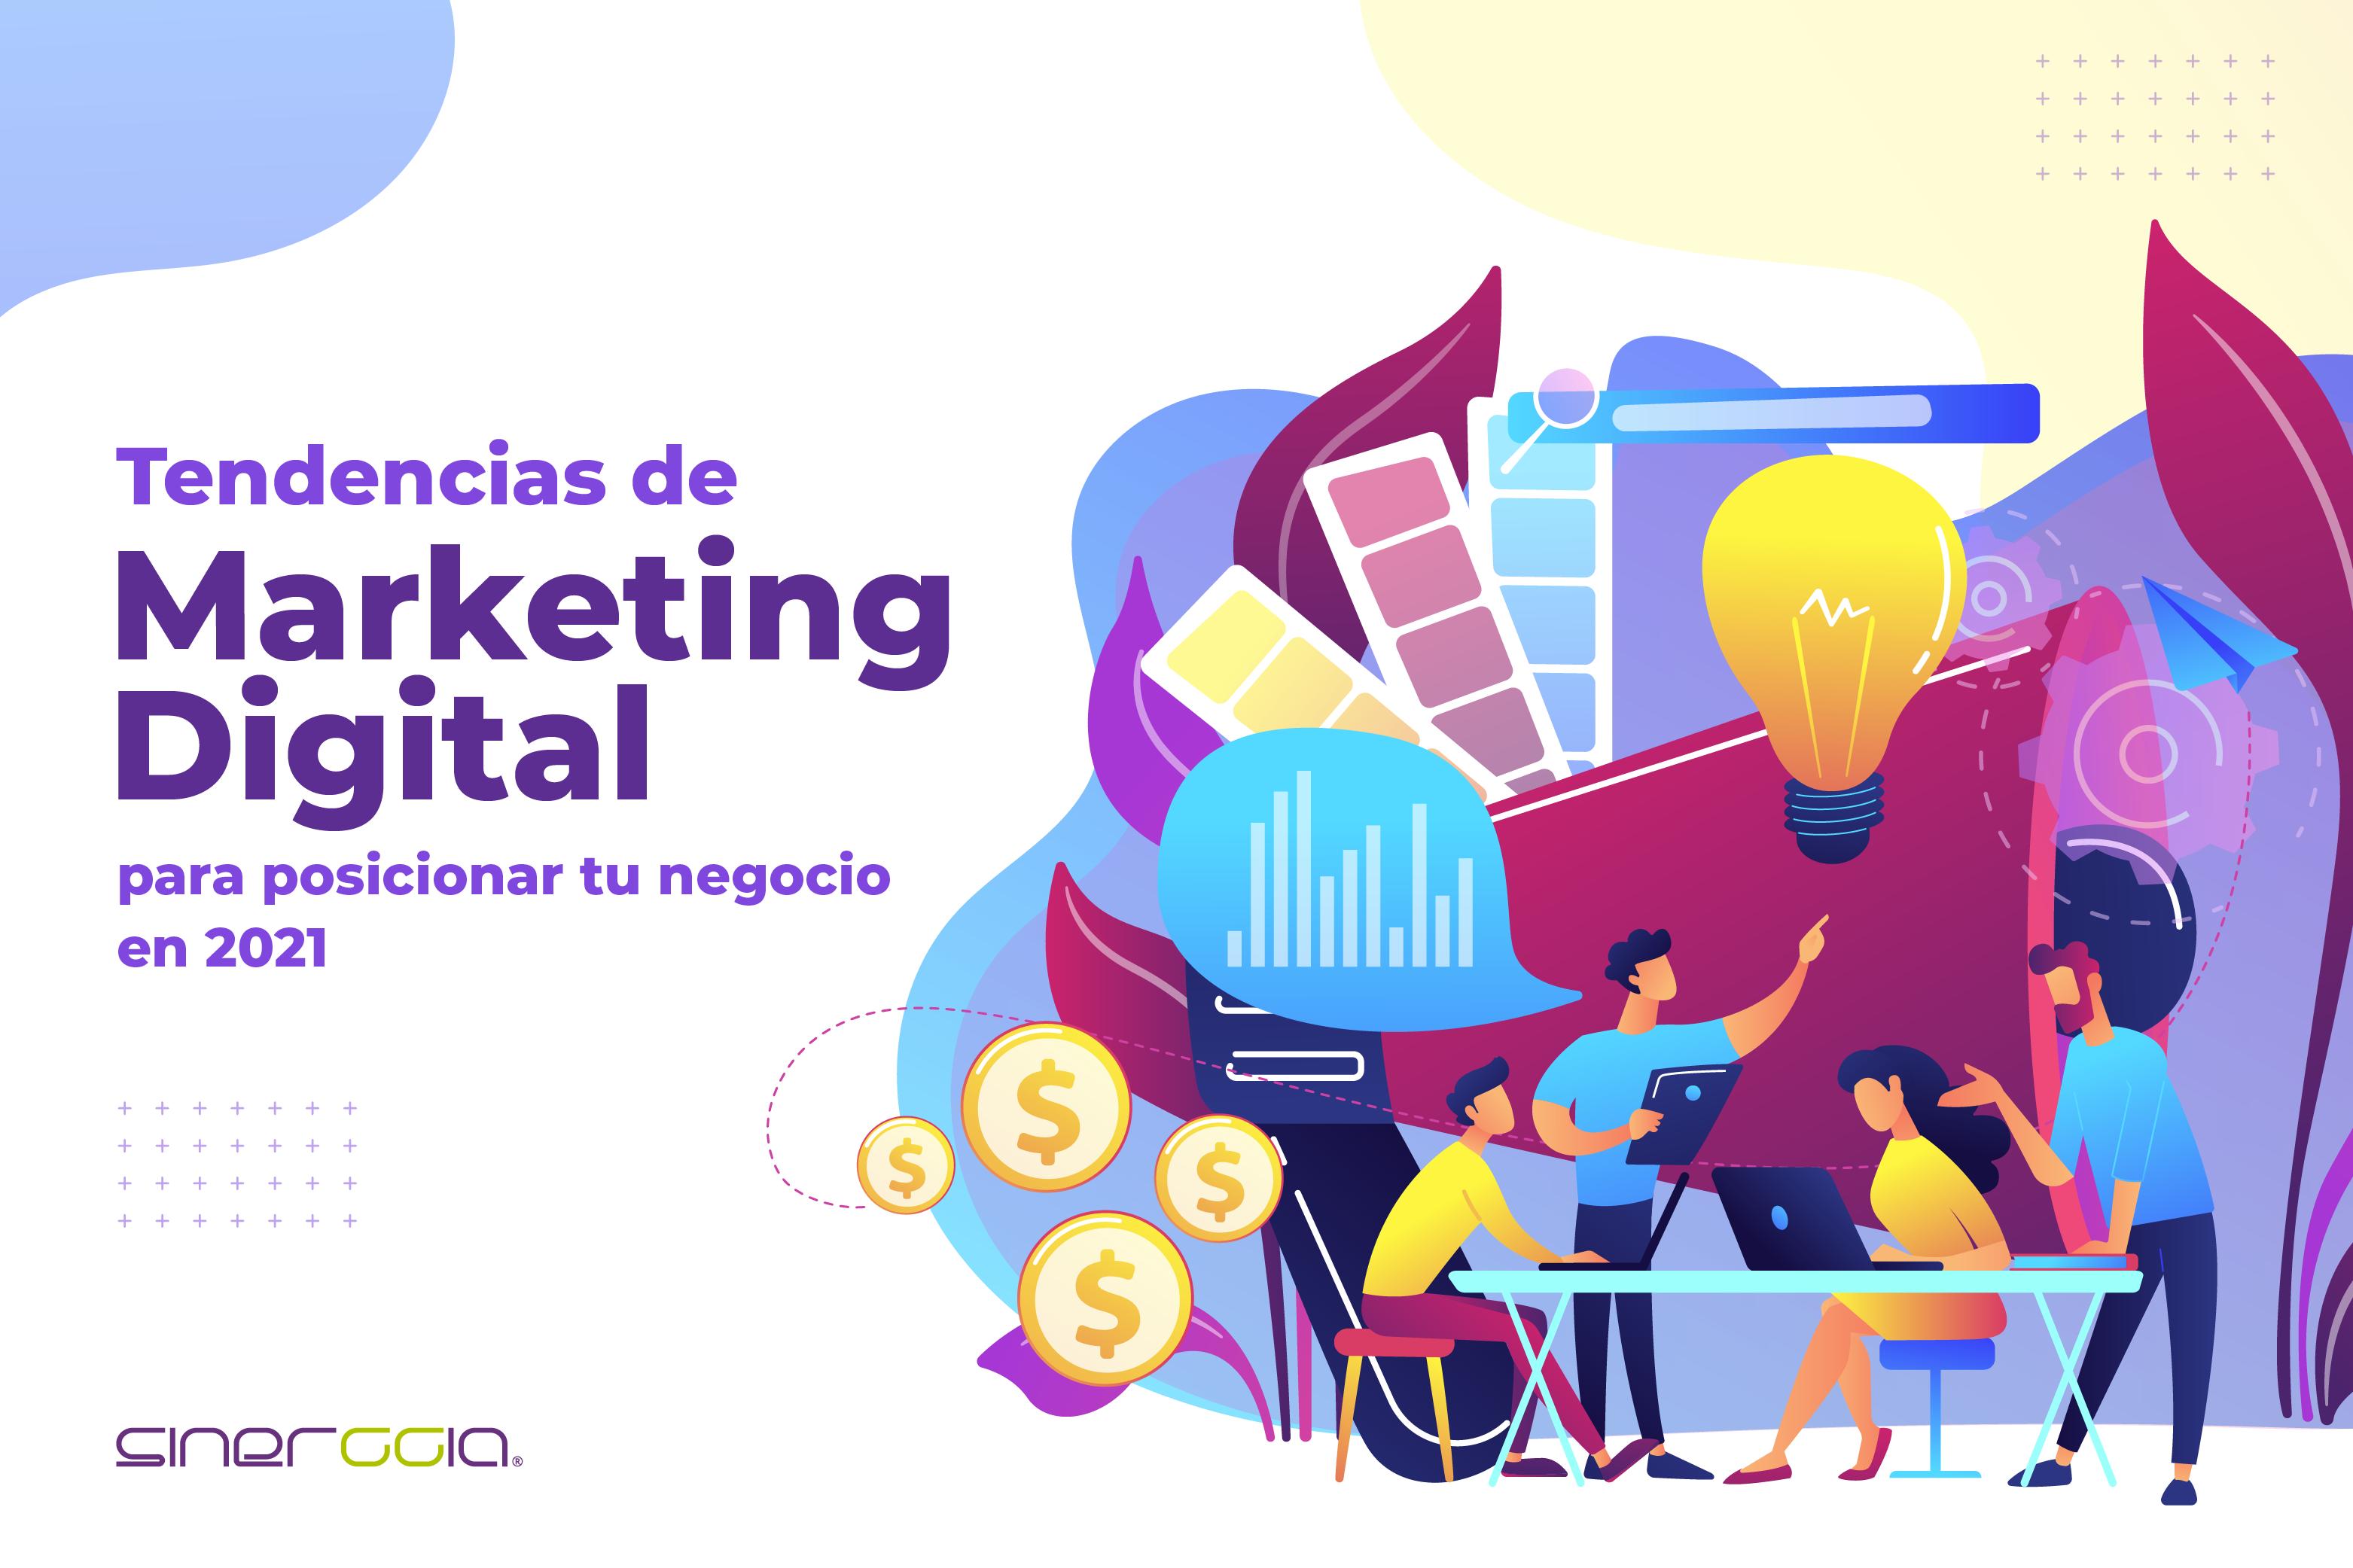 Tendencias de Marketing Digital para posicionar tu negocio en 2021